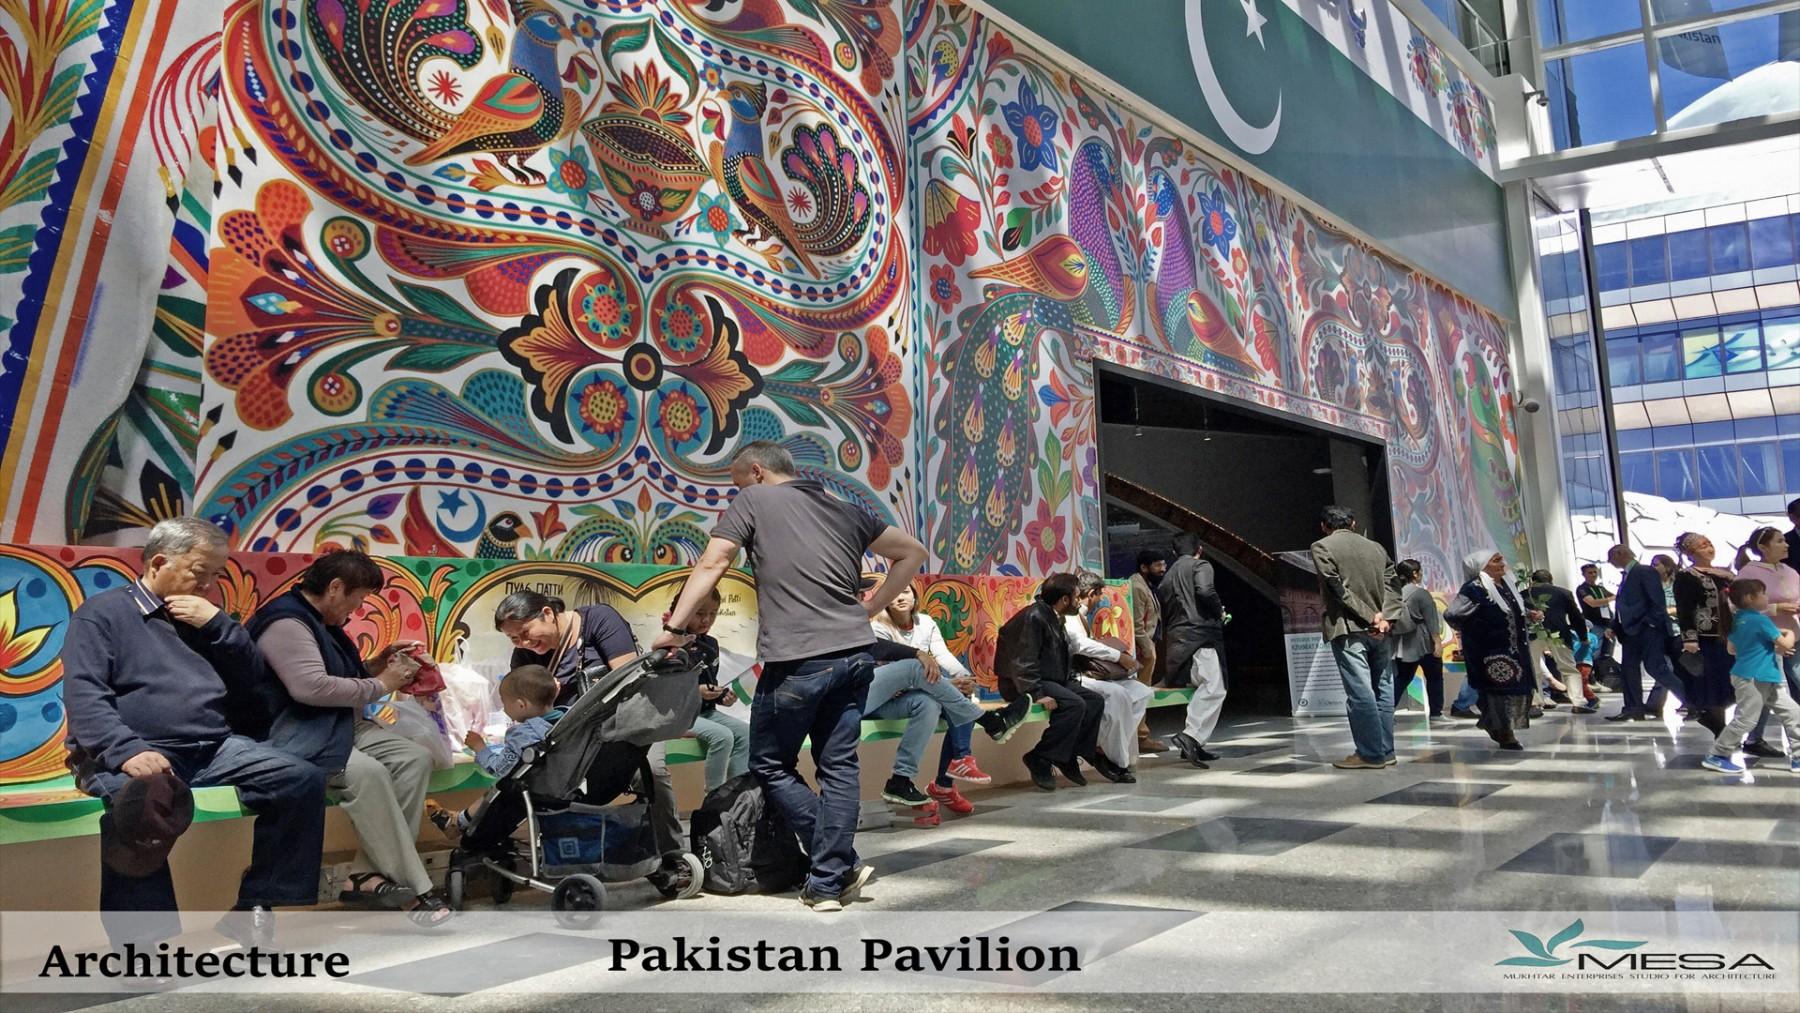 Pakistan-Pavilion-31